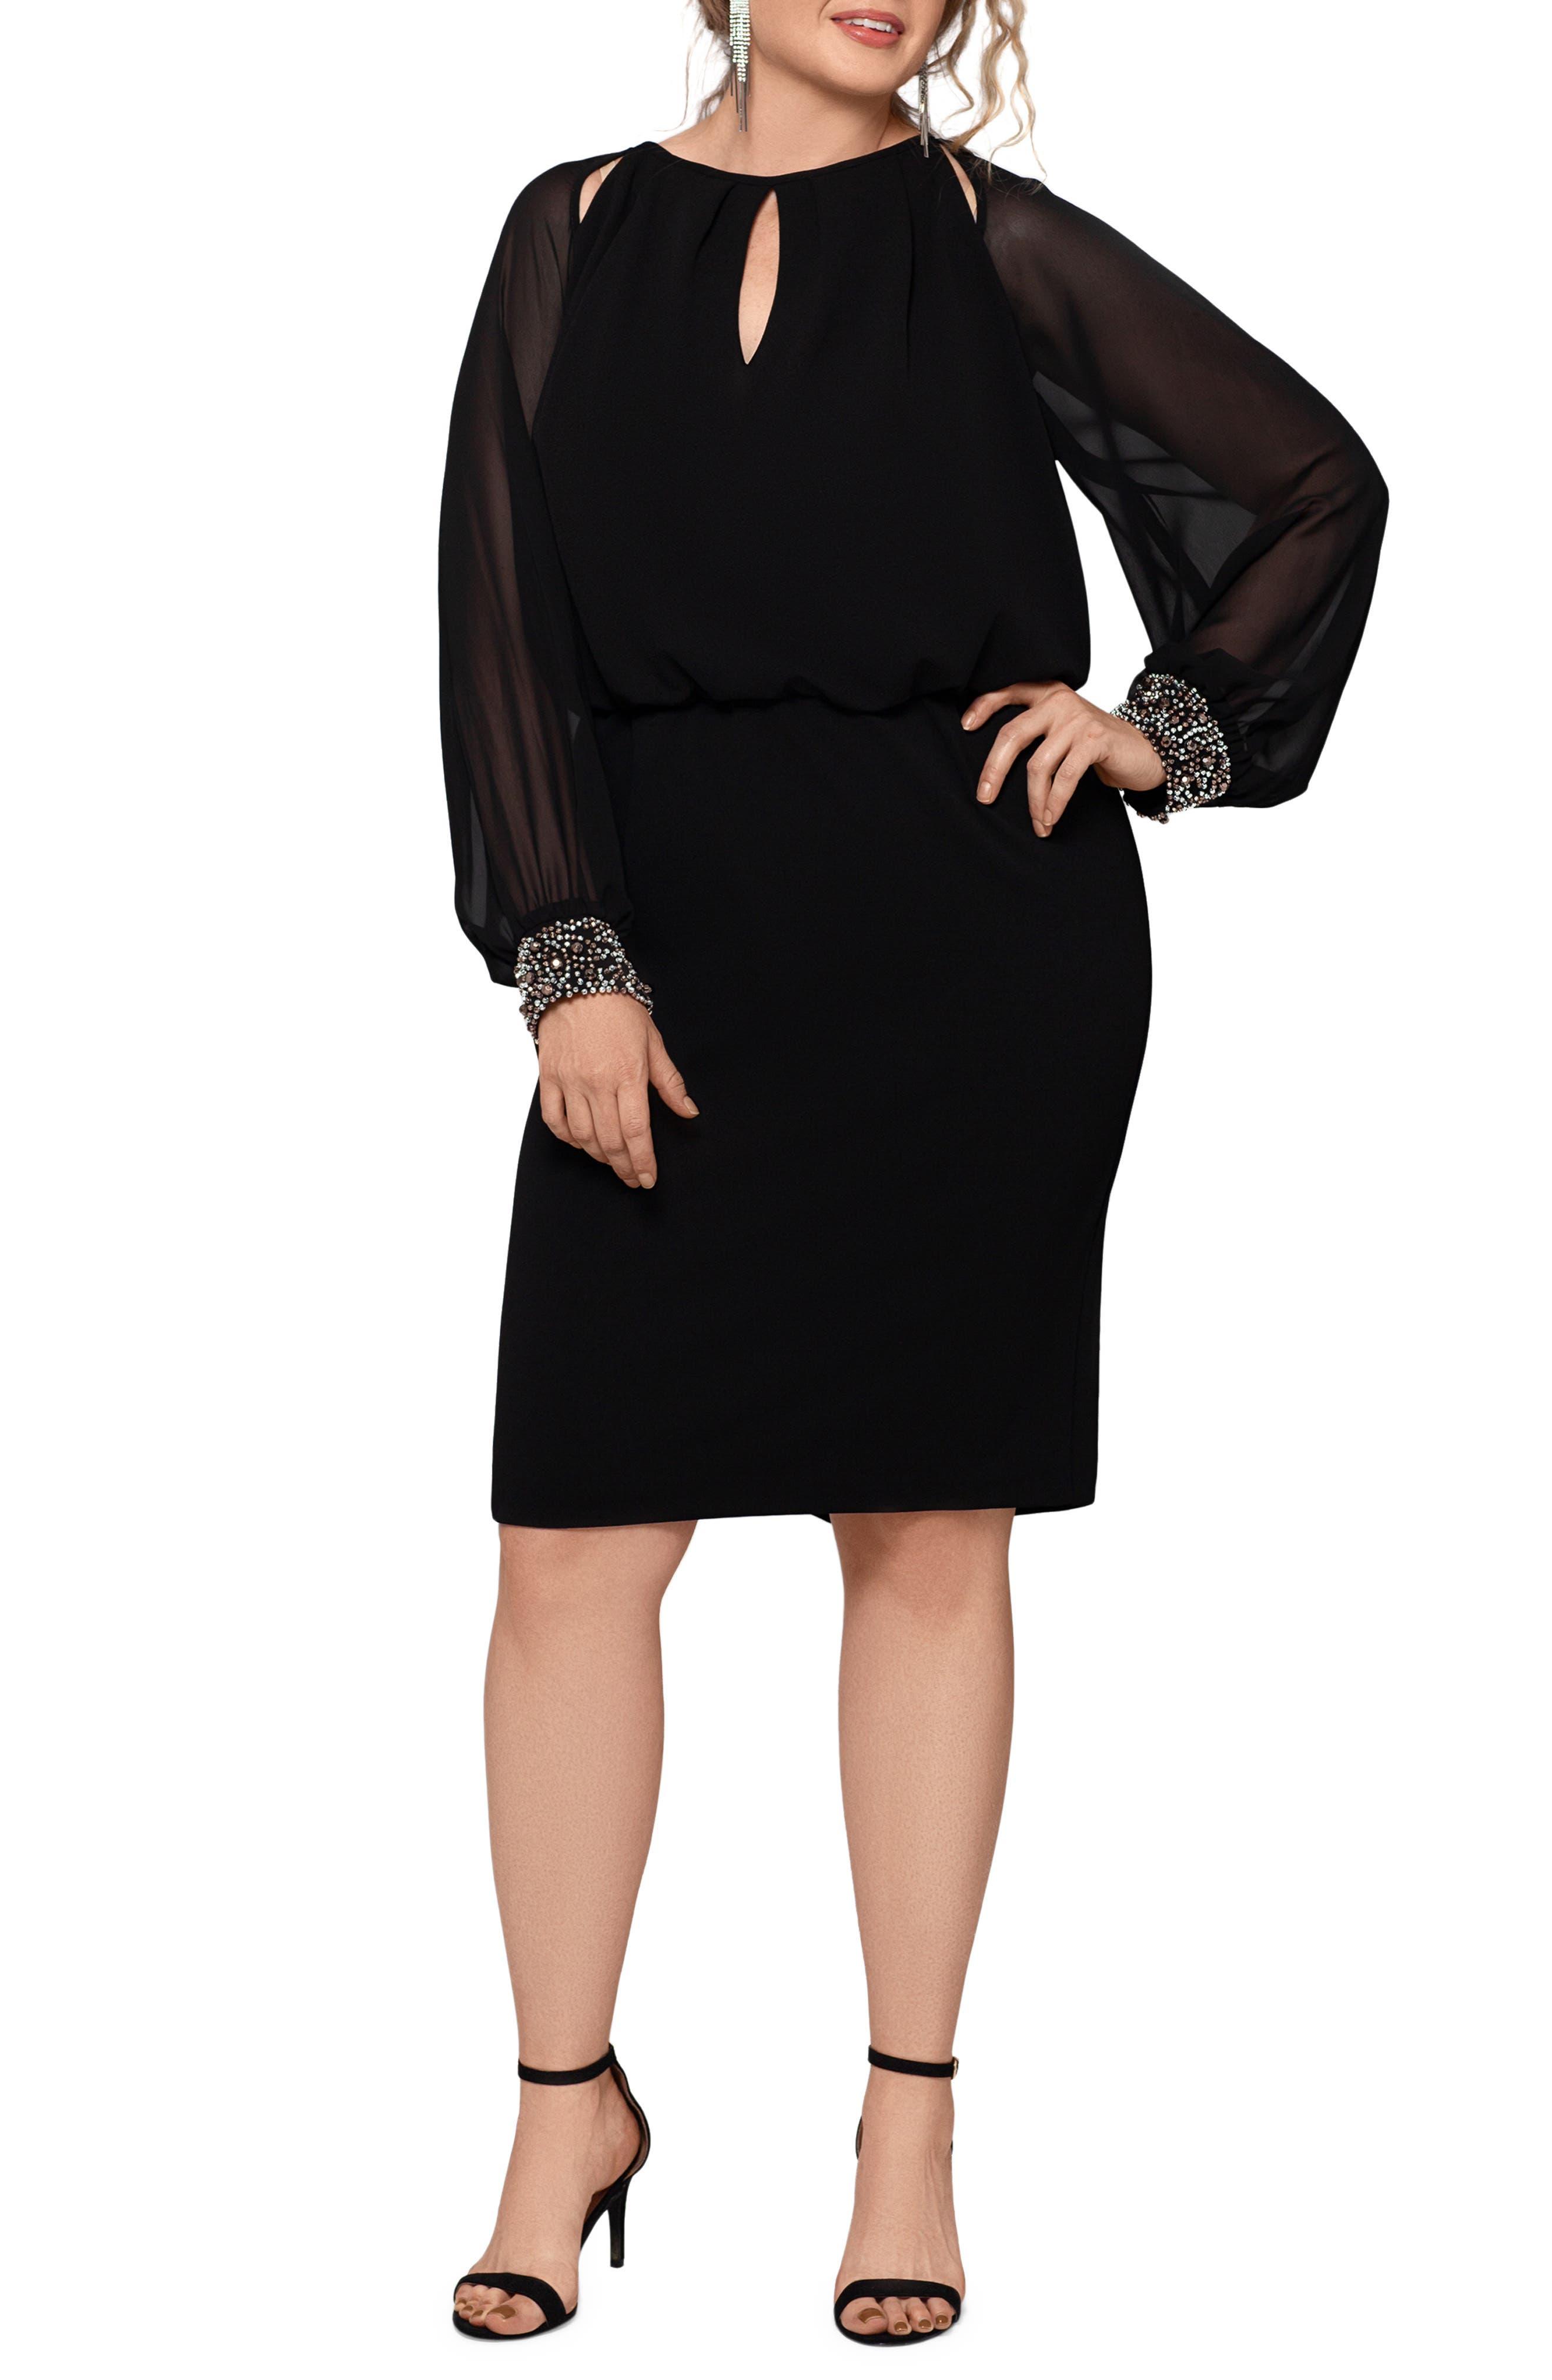 Plus Size Vintage Dresses, Plus Size Retro Dresses Plus Size Womens Xscape Rhinestone Cuff Long Sleeve Cocktail Dress $238.00 AT vintagedancer.com